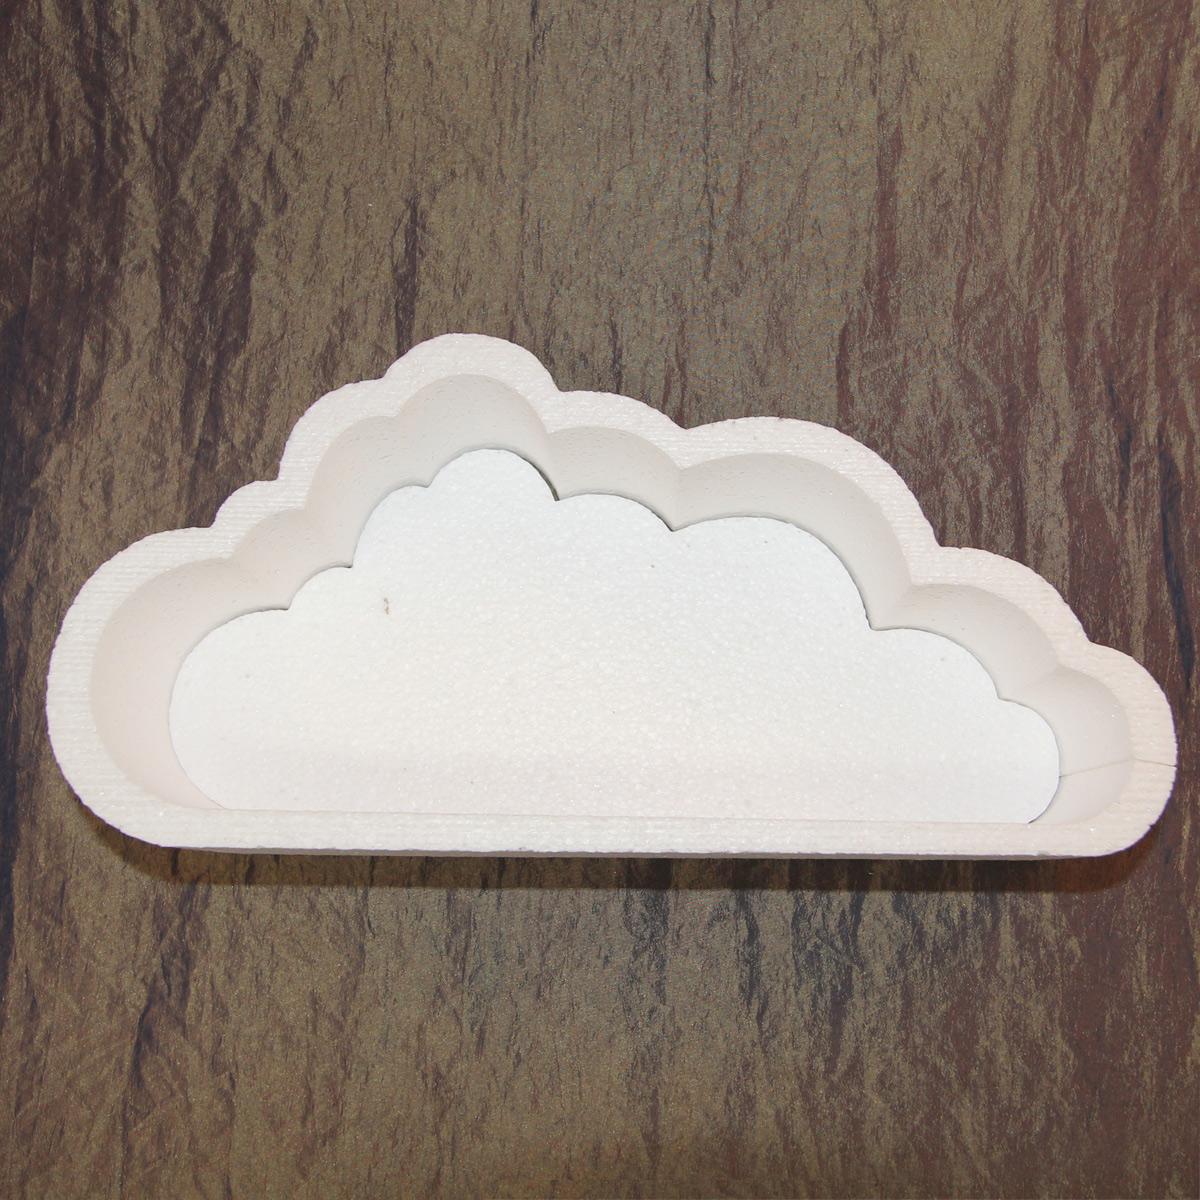 Коробка в виде облака